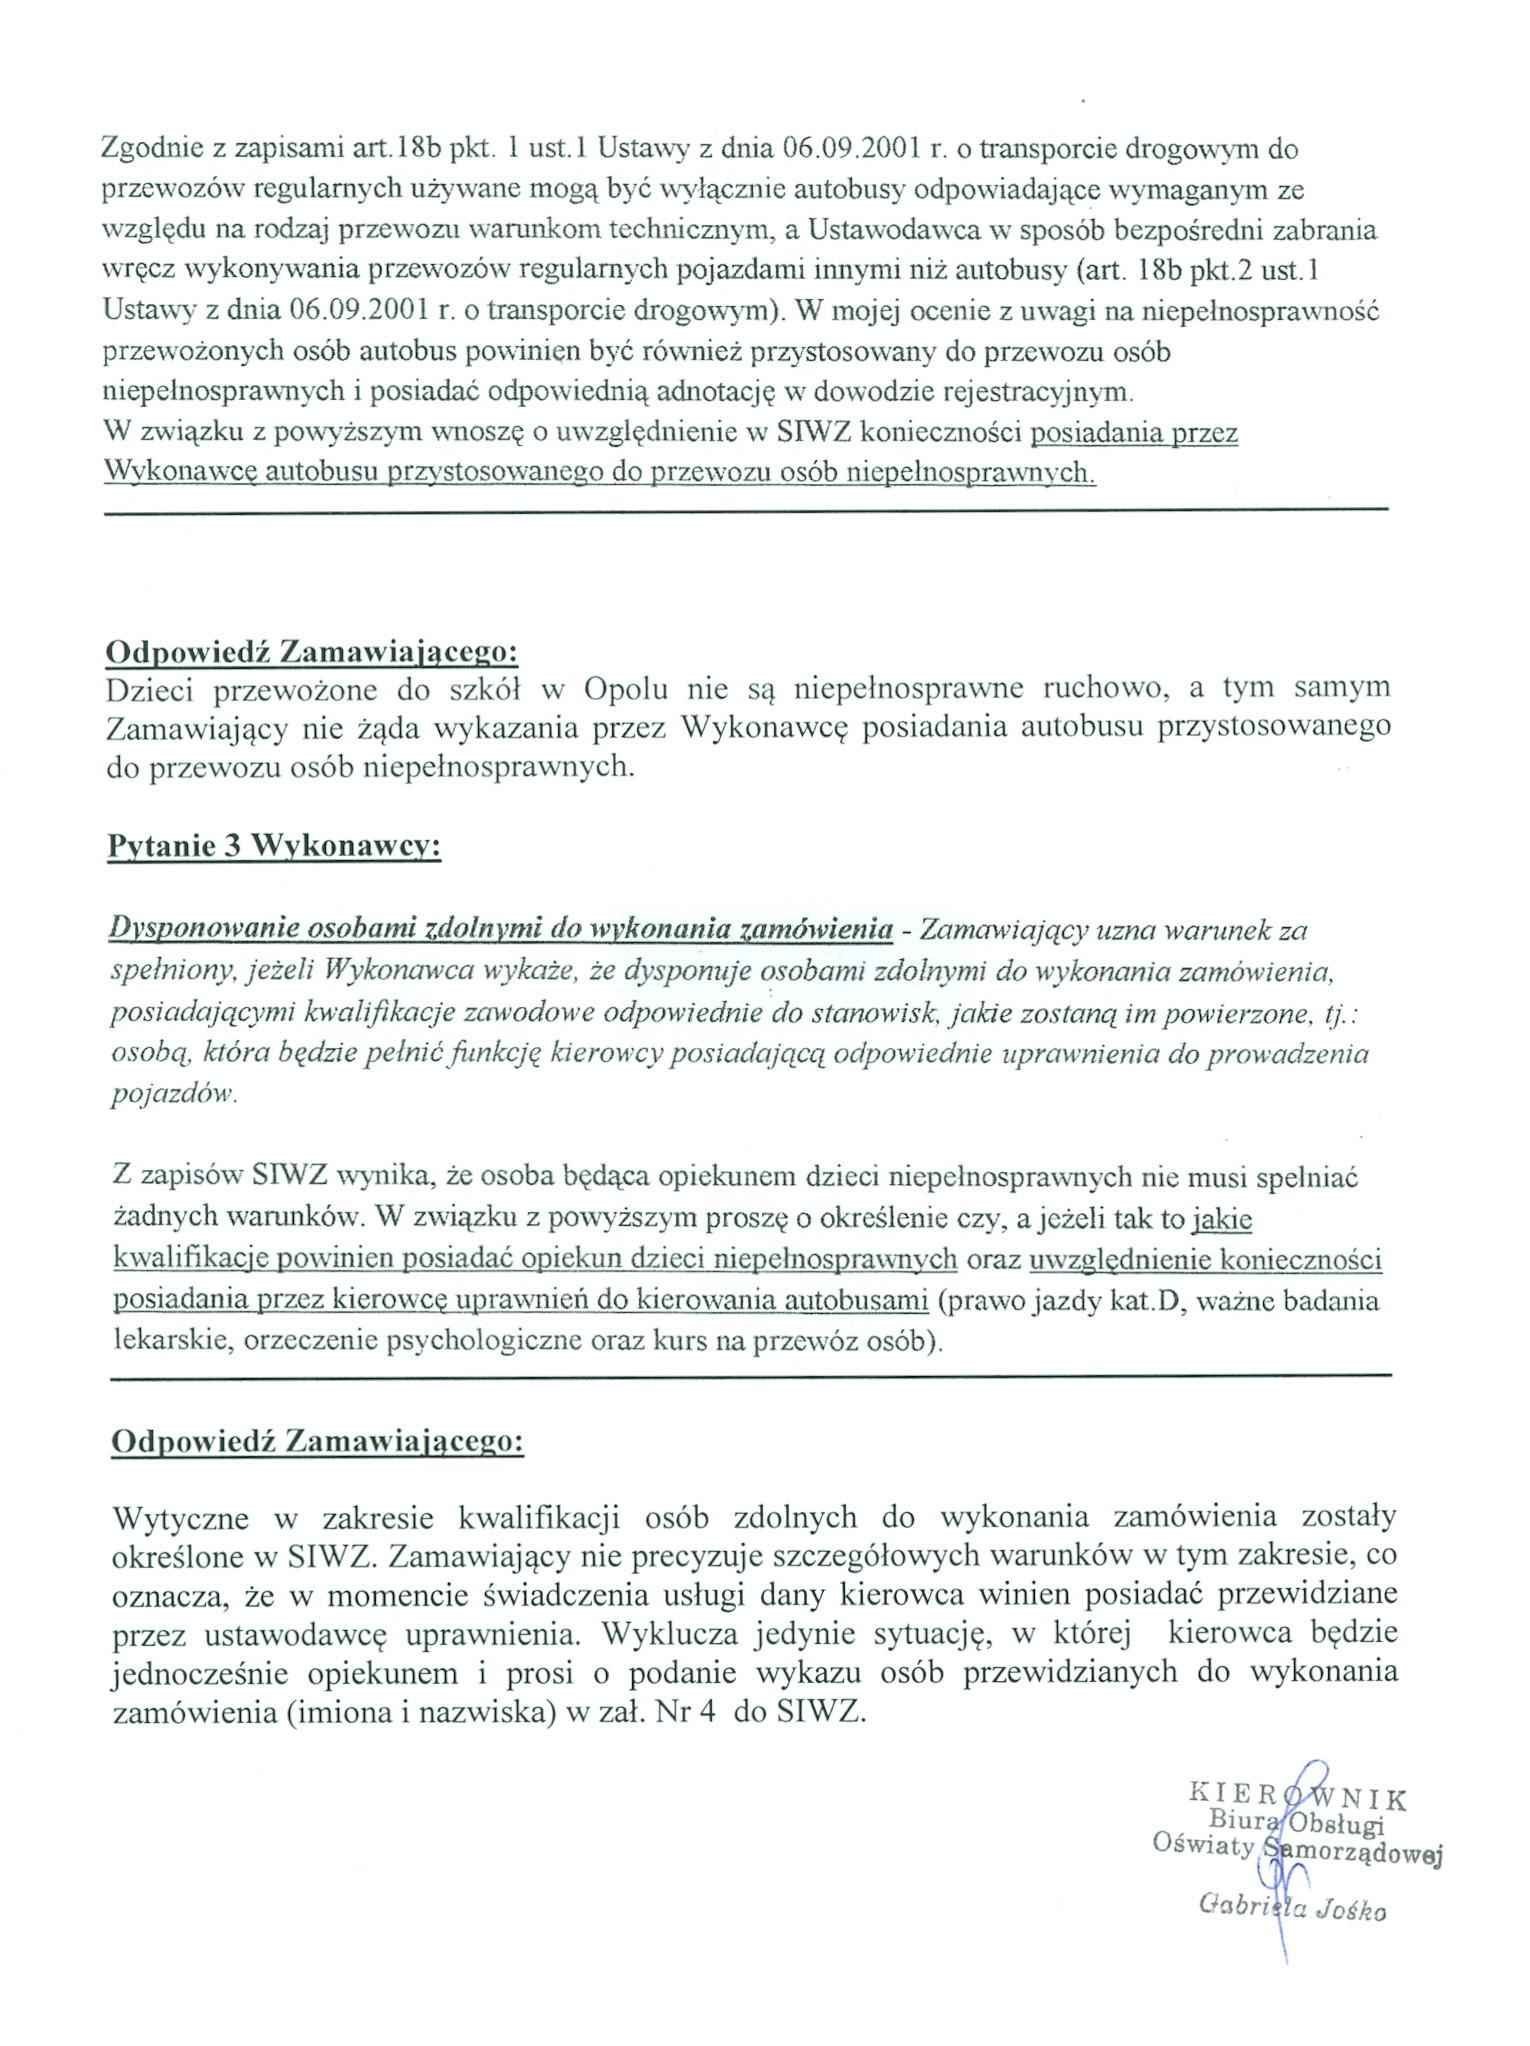 strona 2.jpeg